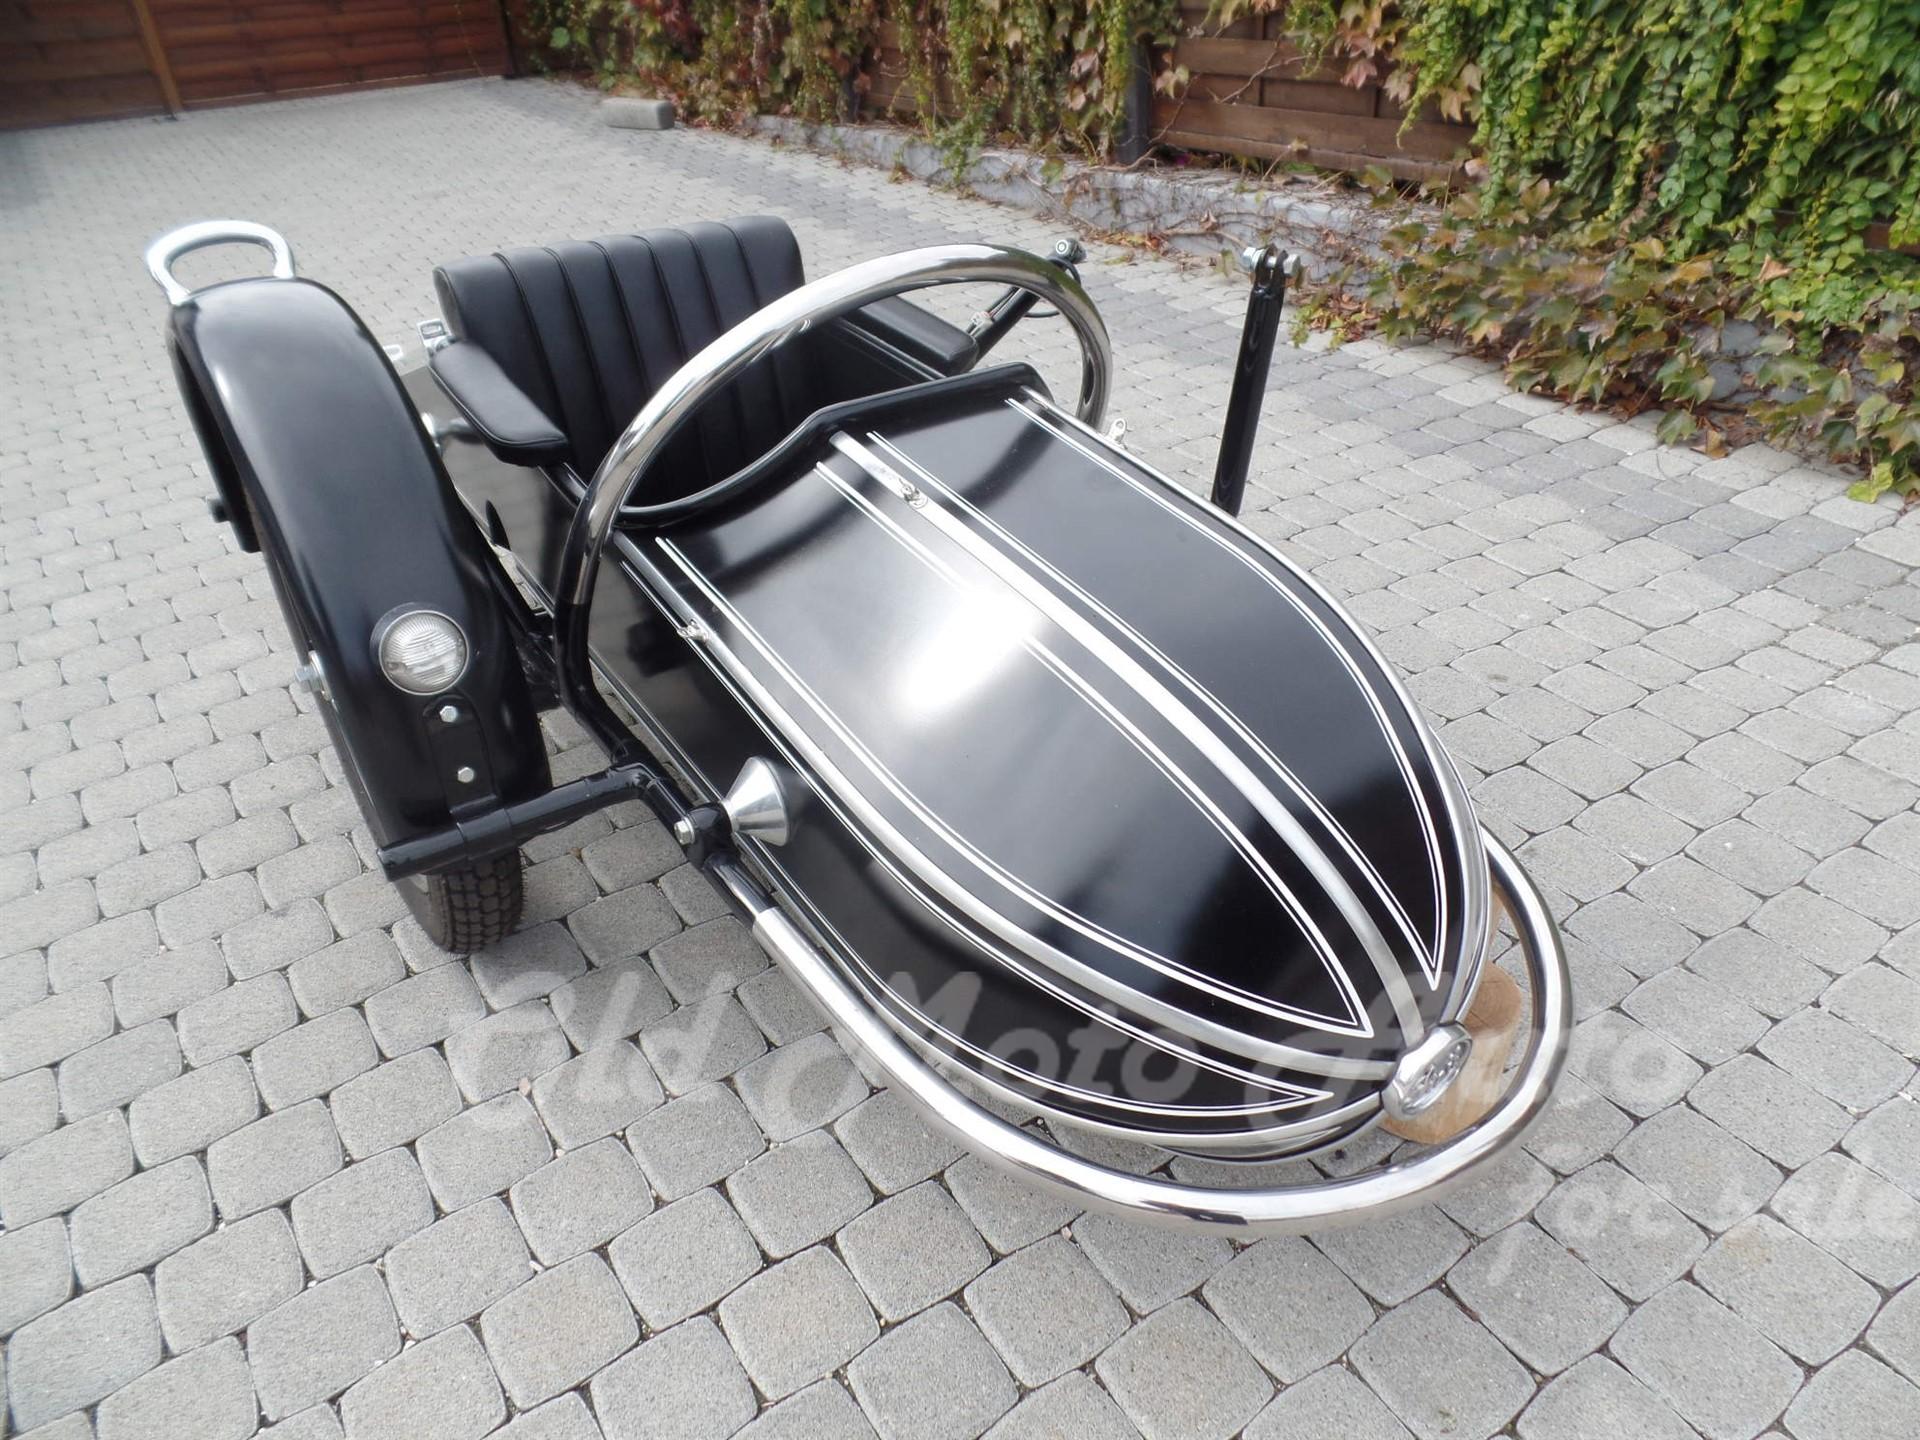 Steib N 28 Sidecar